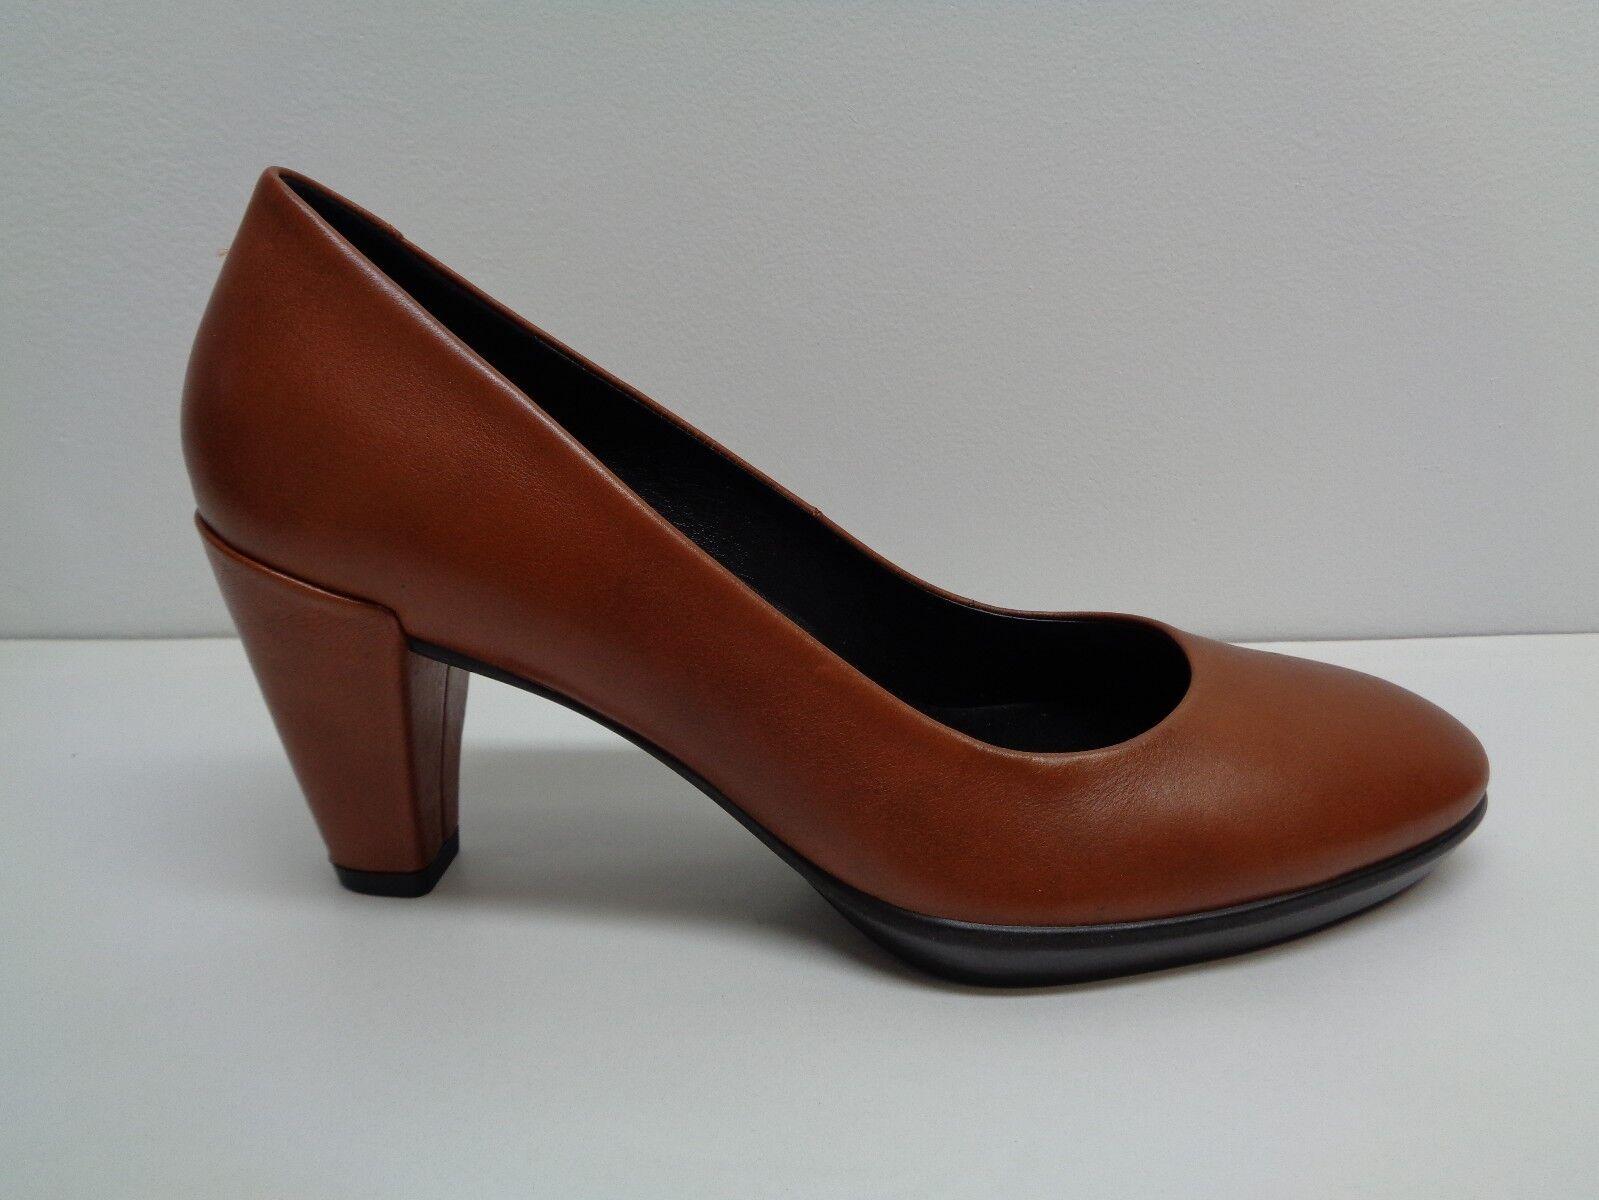 Ecco tamaño 6 a 6.5 37 euros de forma Tacón 55 Marrón Cuero Tacón forma Bombas Nuevos Mujer Zapatos 262b11